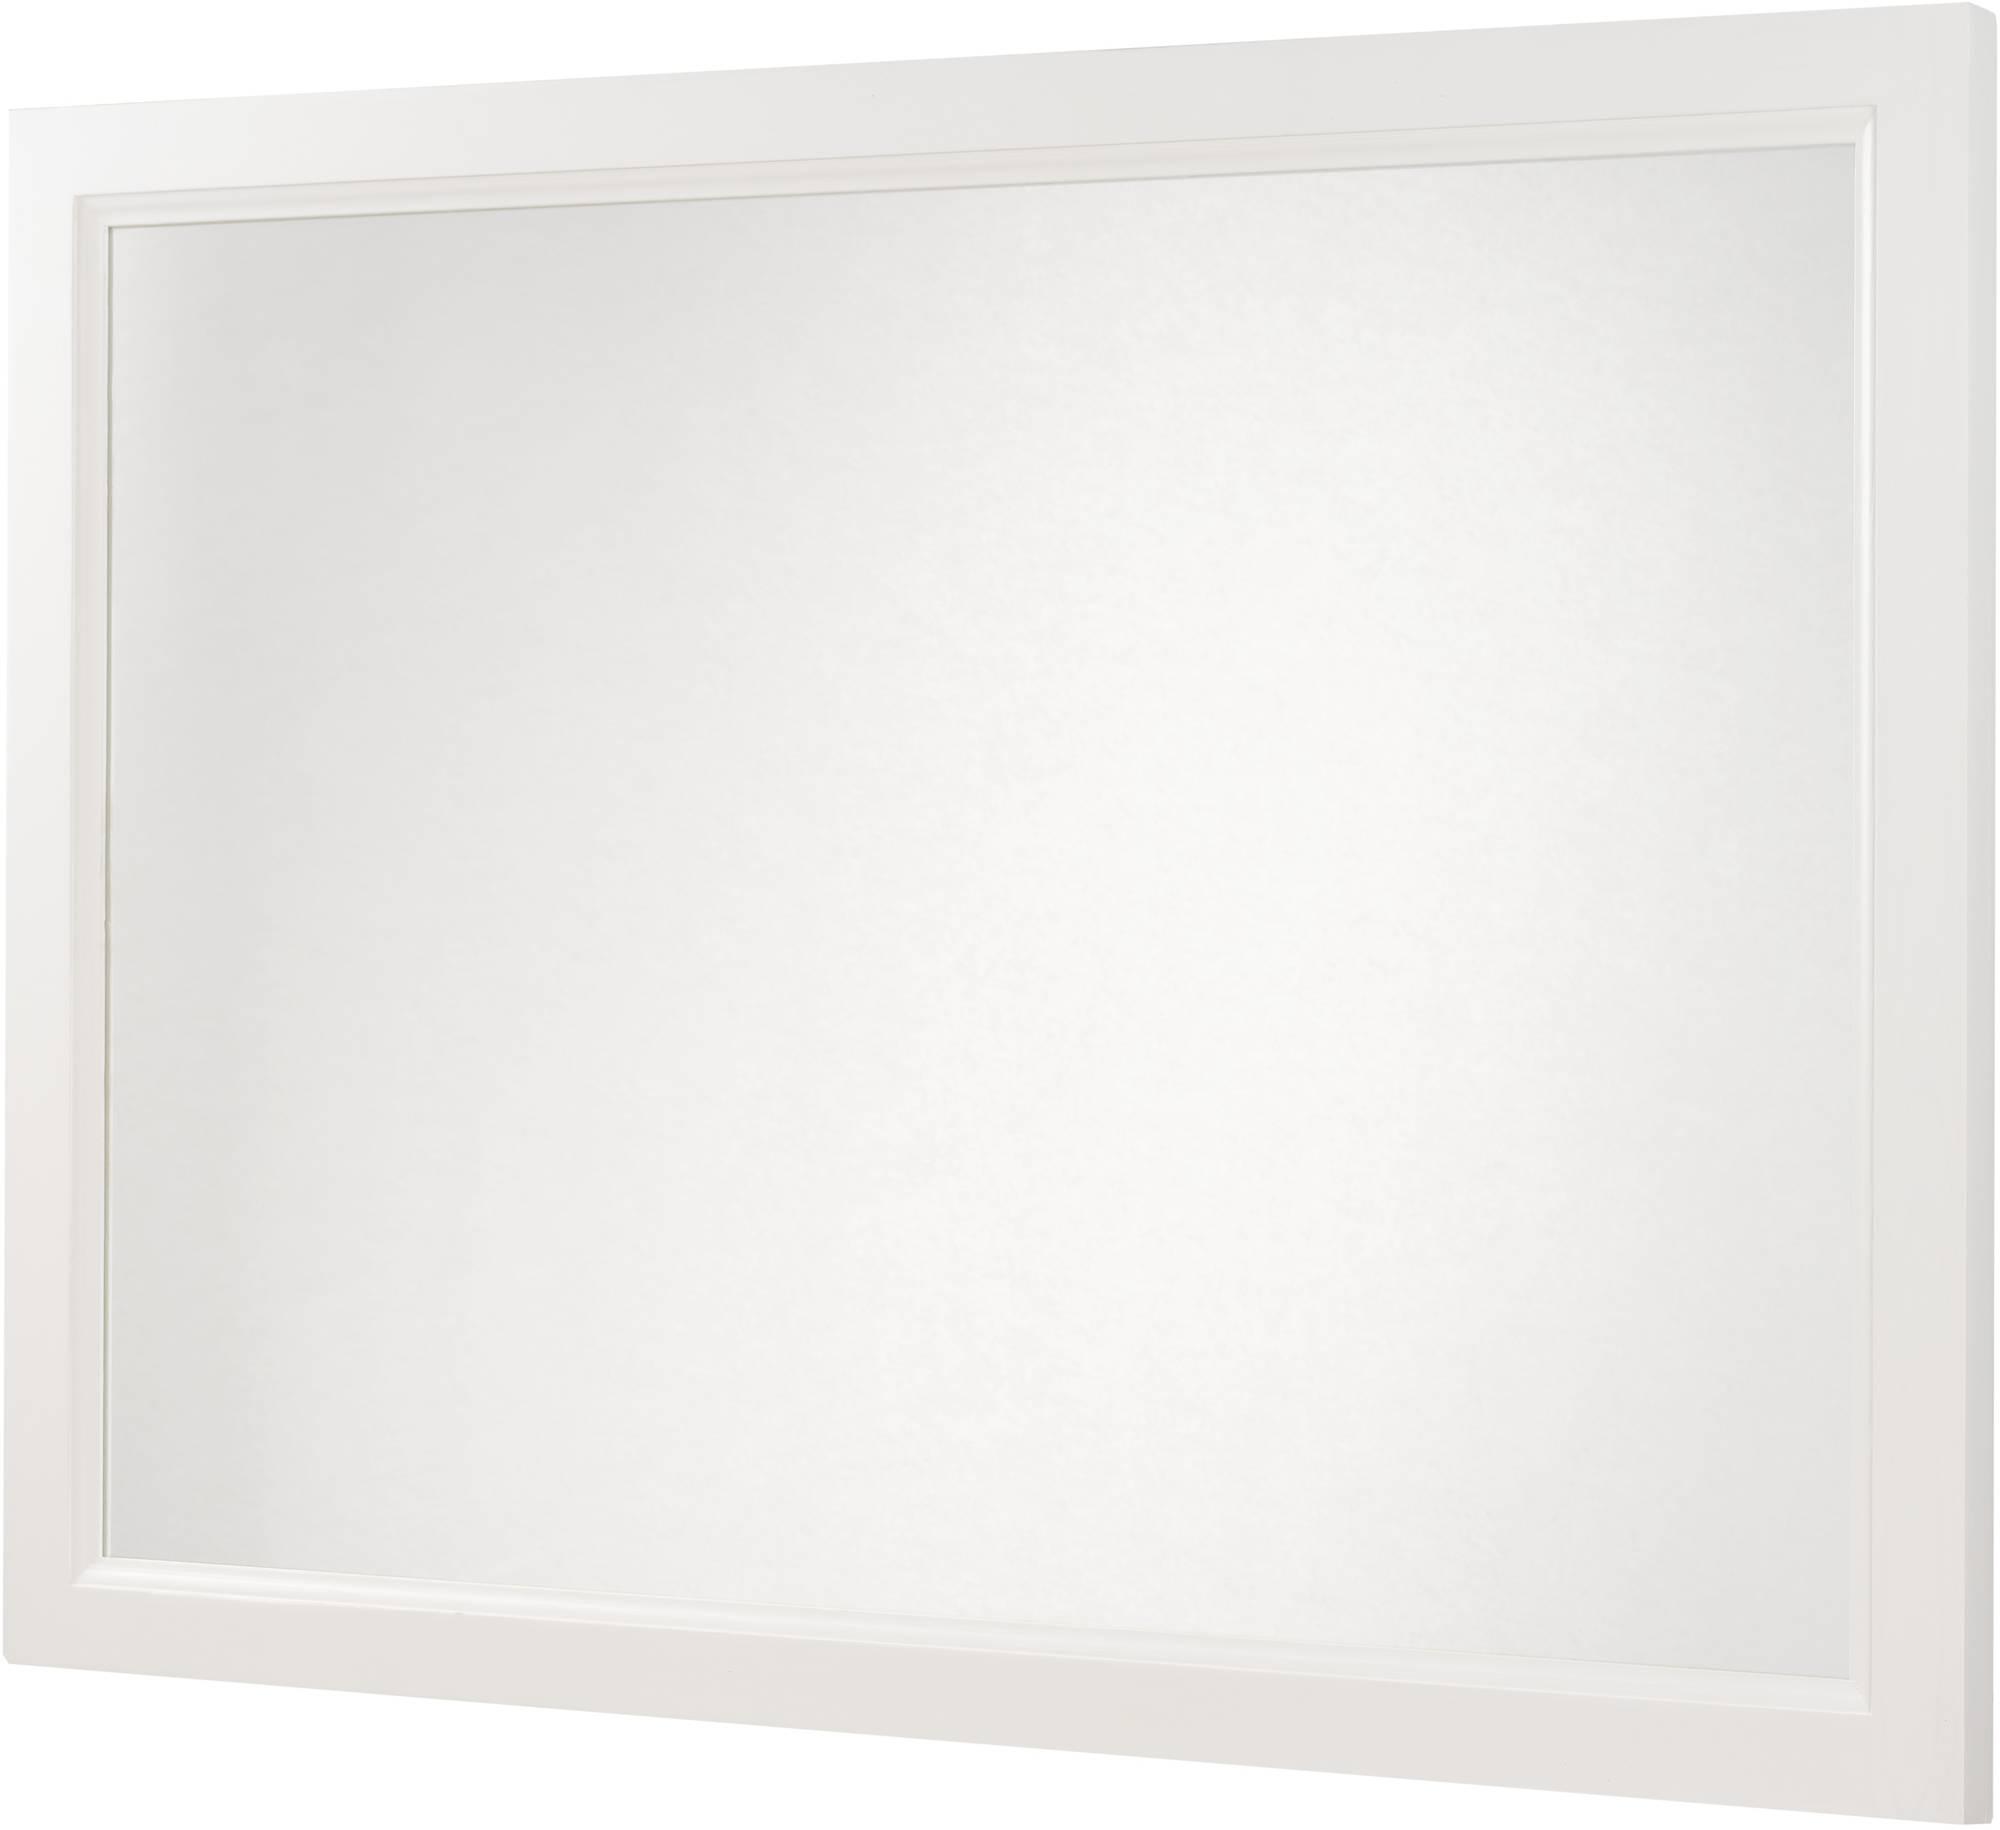 Ben Maison spiegelpaneel 120x70cm Wit